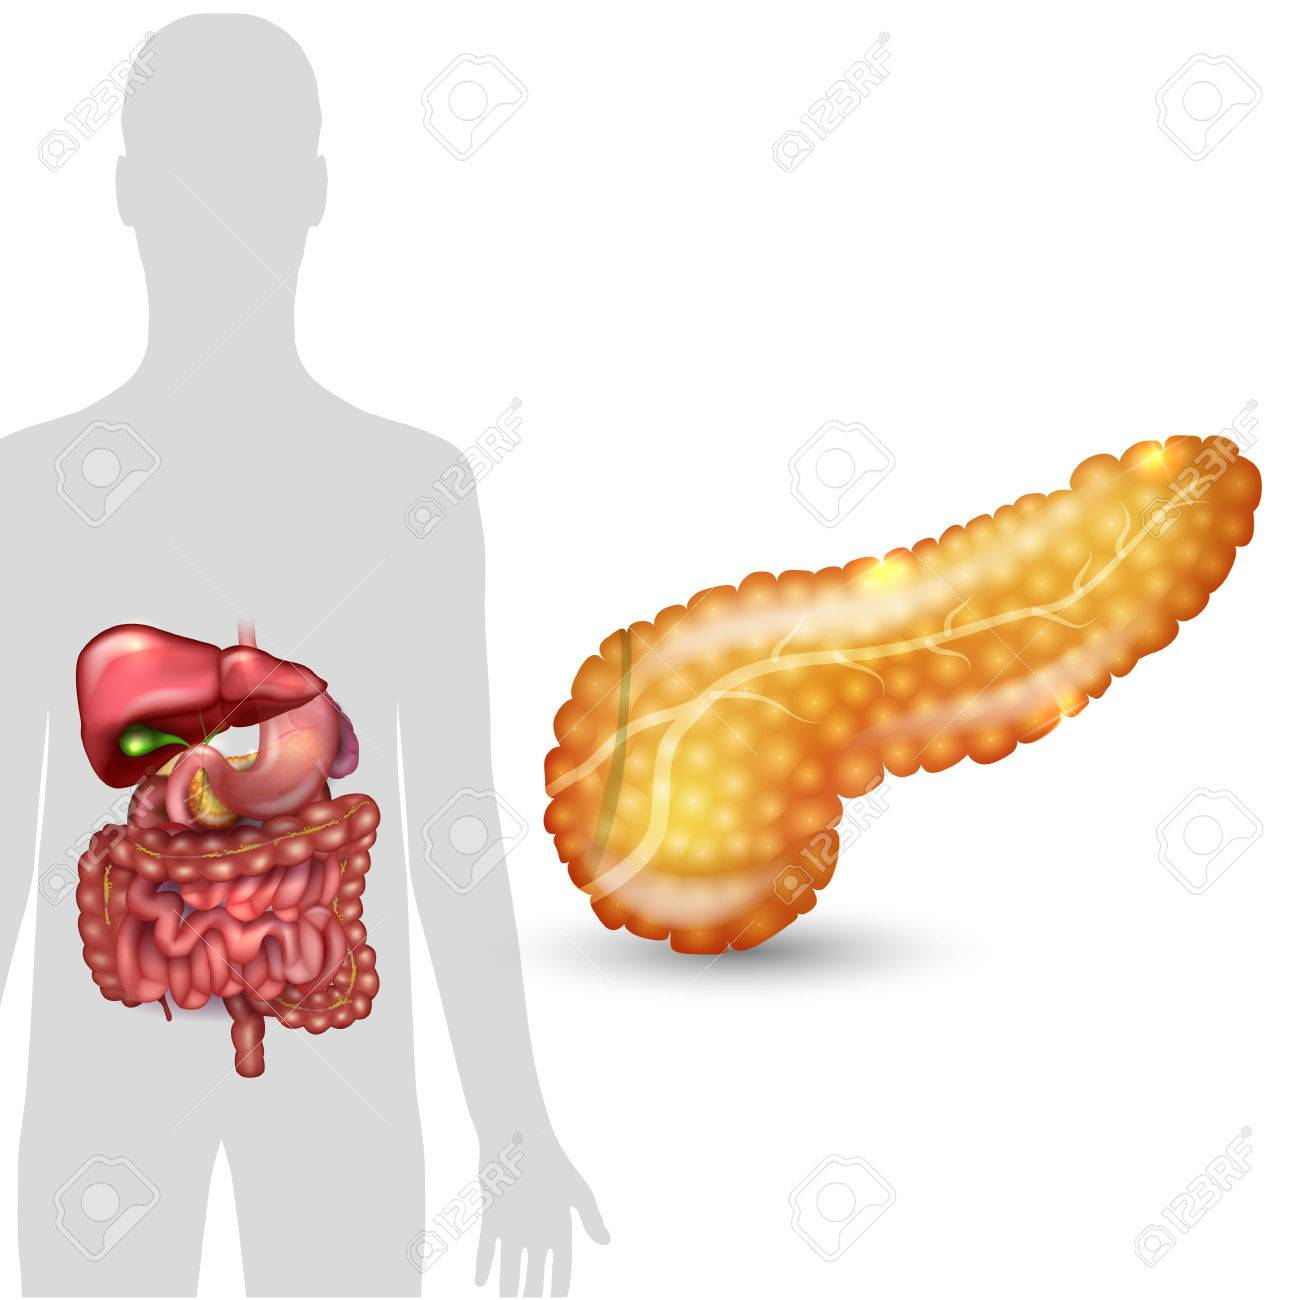 Anatomía Páncreas Y Silueta Humana Con órganos Internos, La Vesícula ...